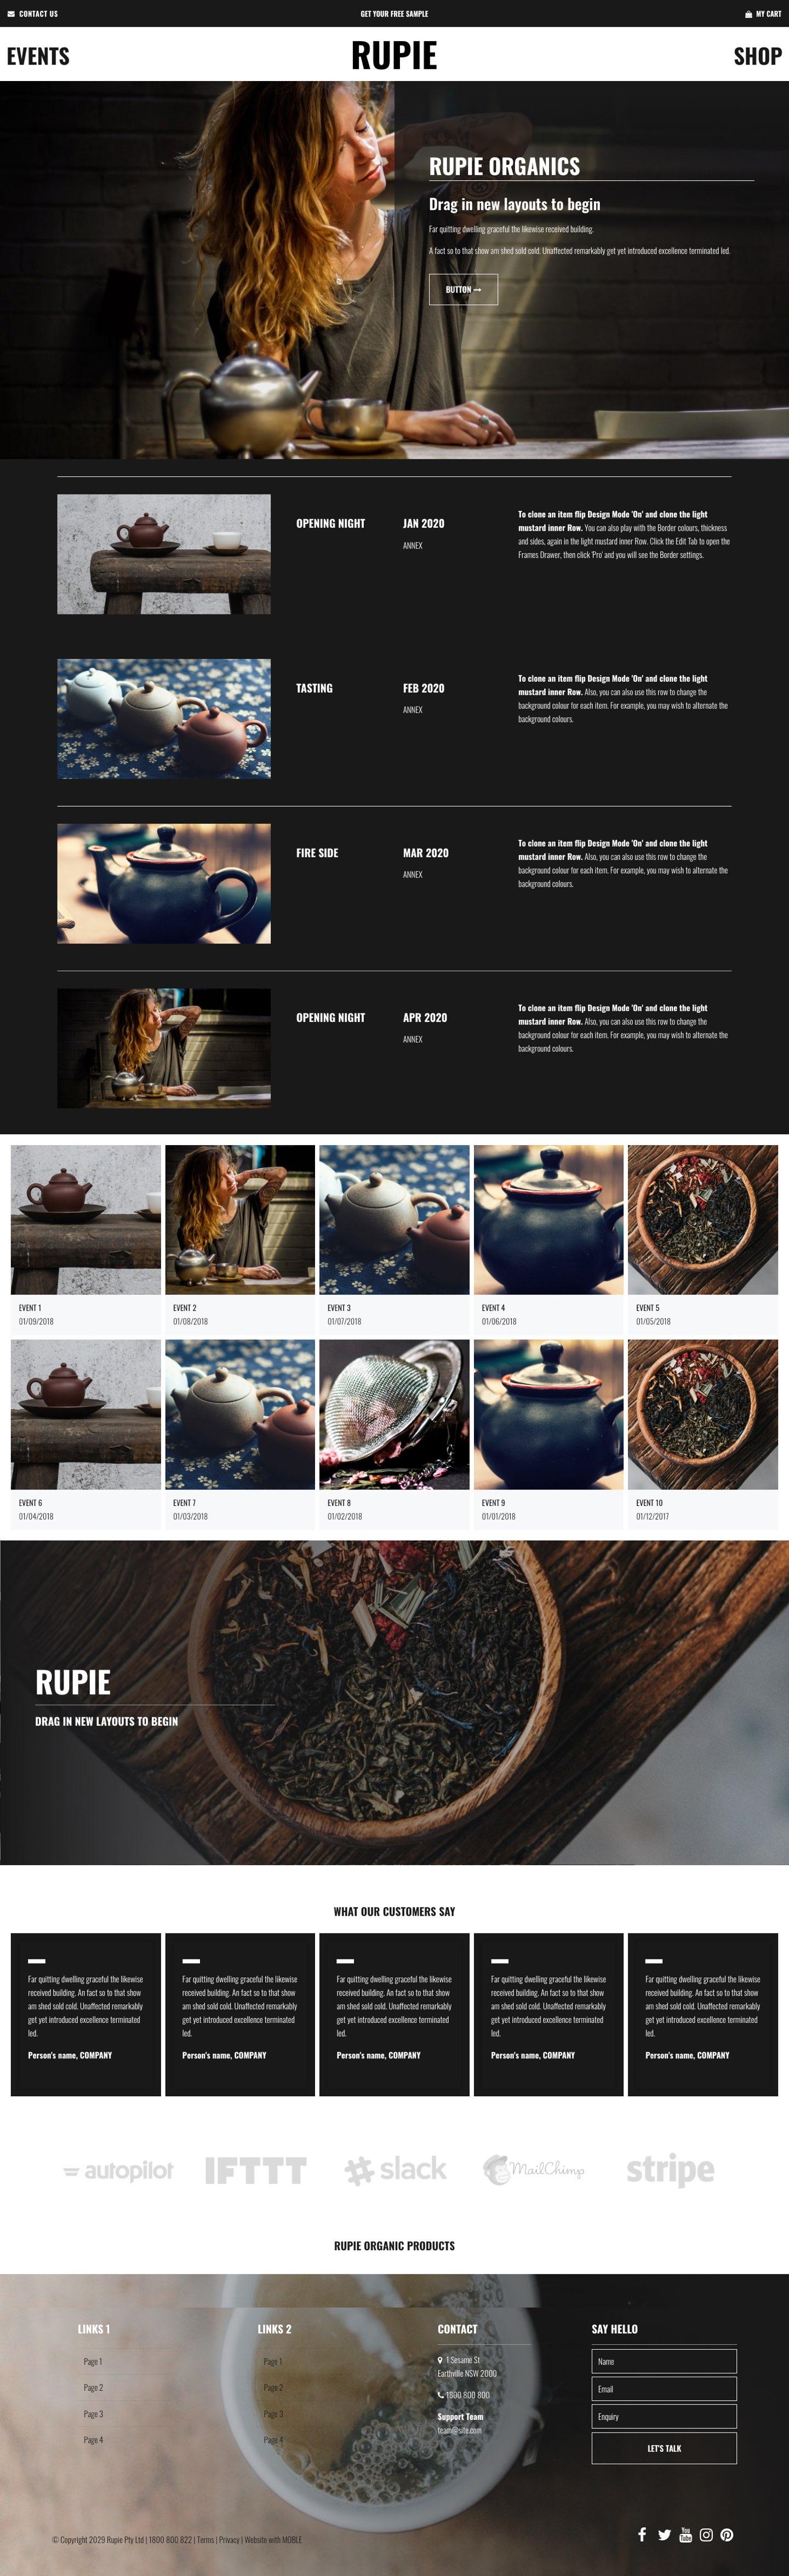 Rupie Website Design